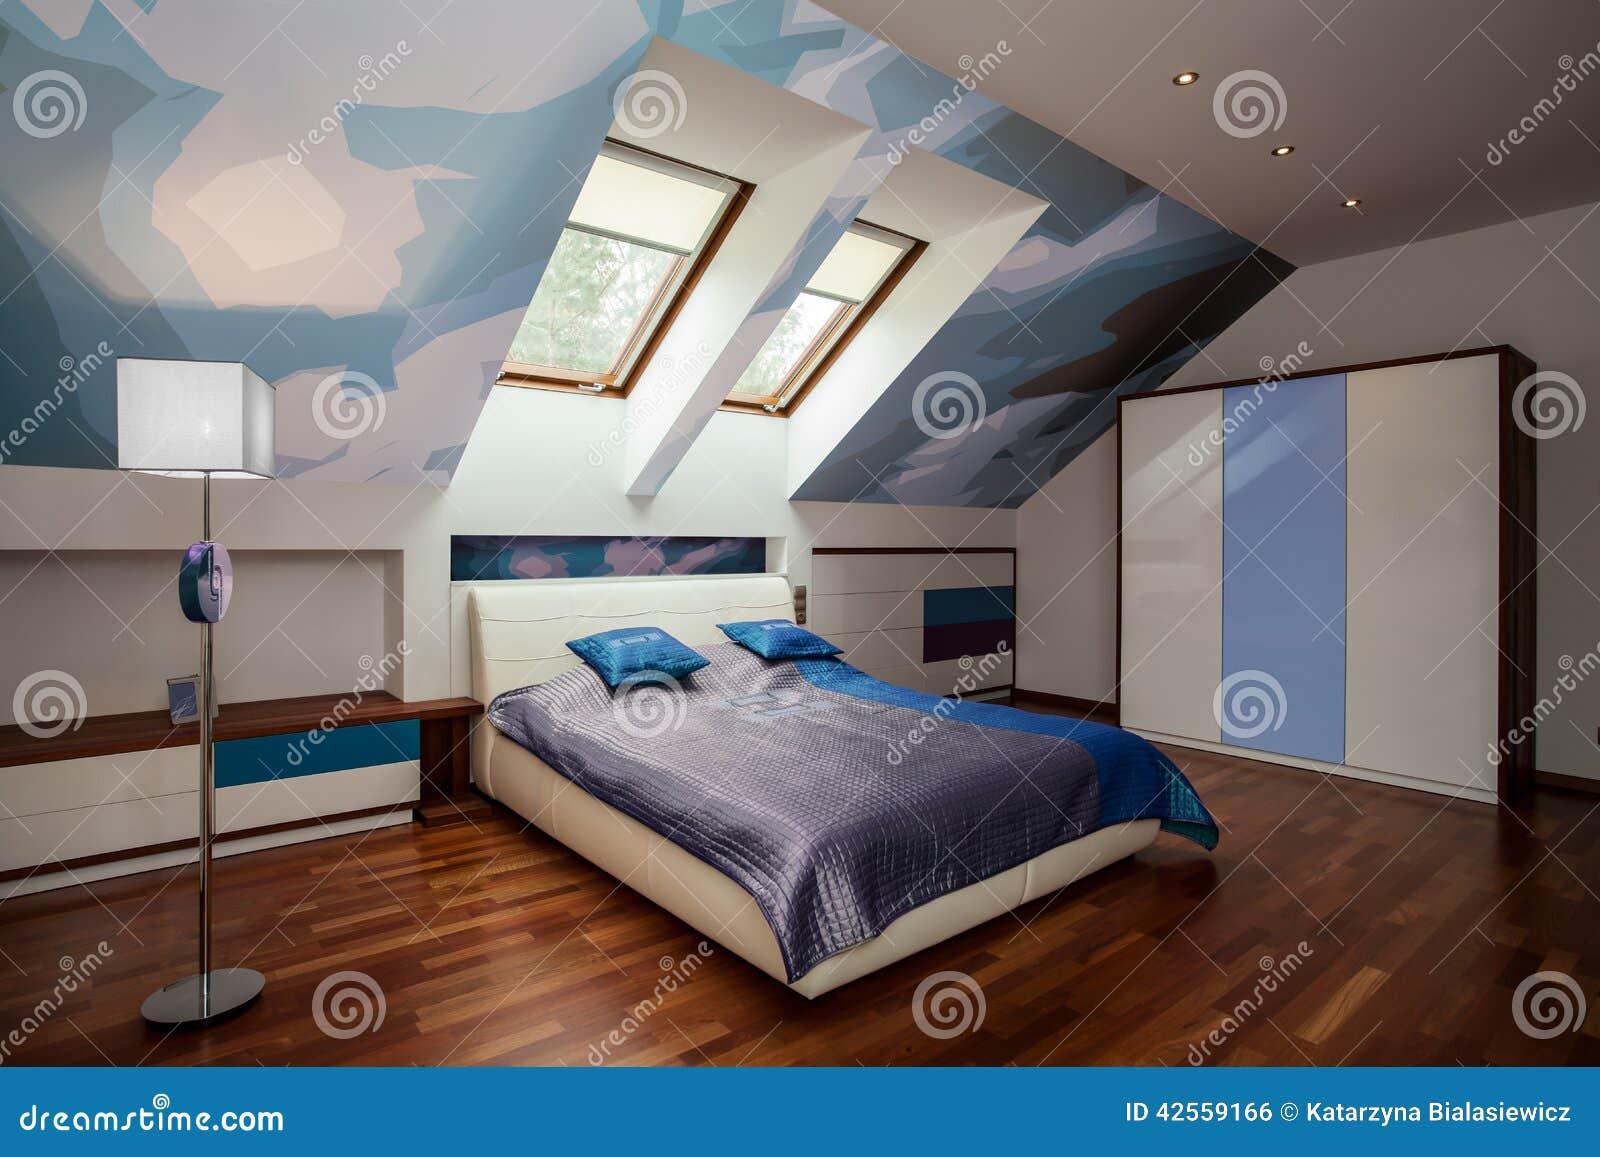 Interno della camera da letto blu e bianca fotografia - Camera da letto bianca ...